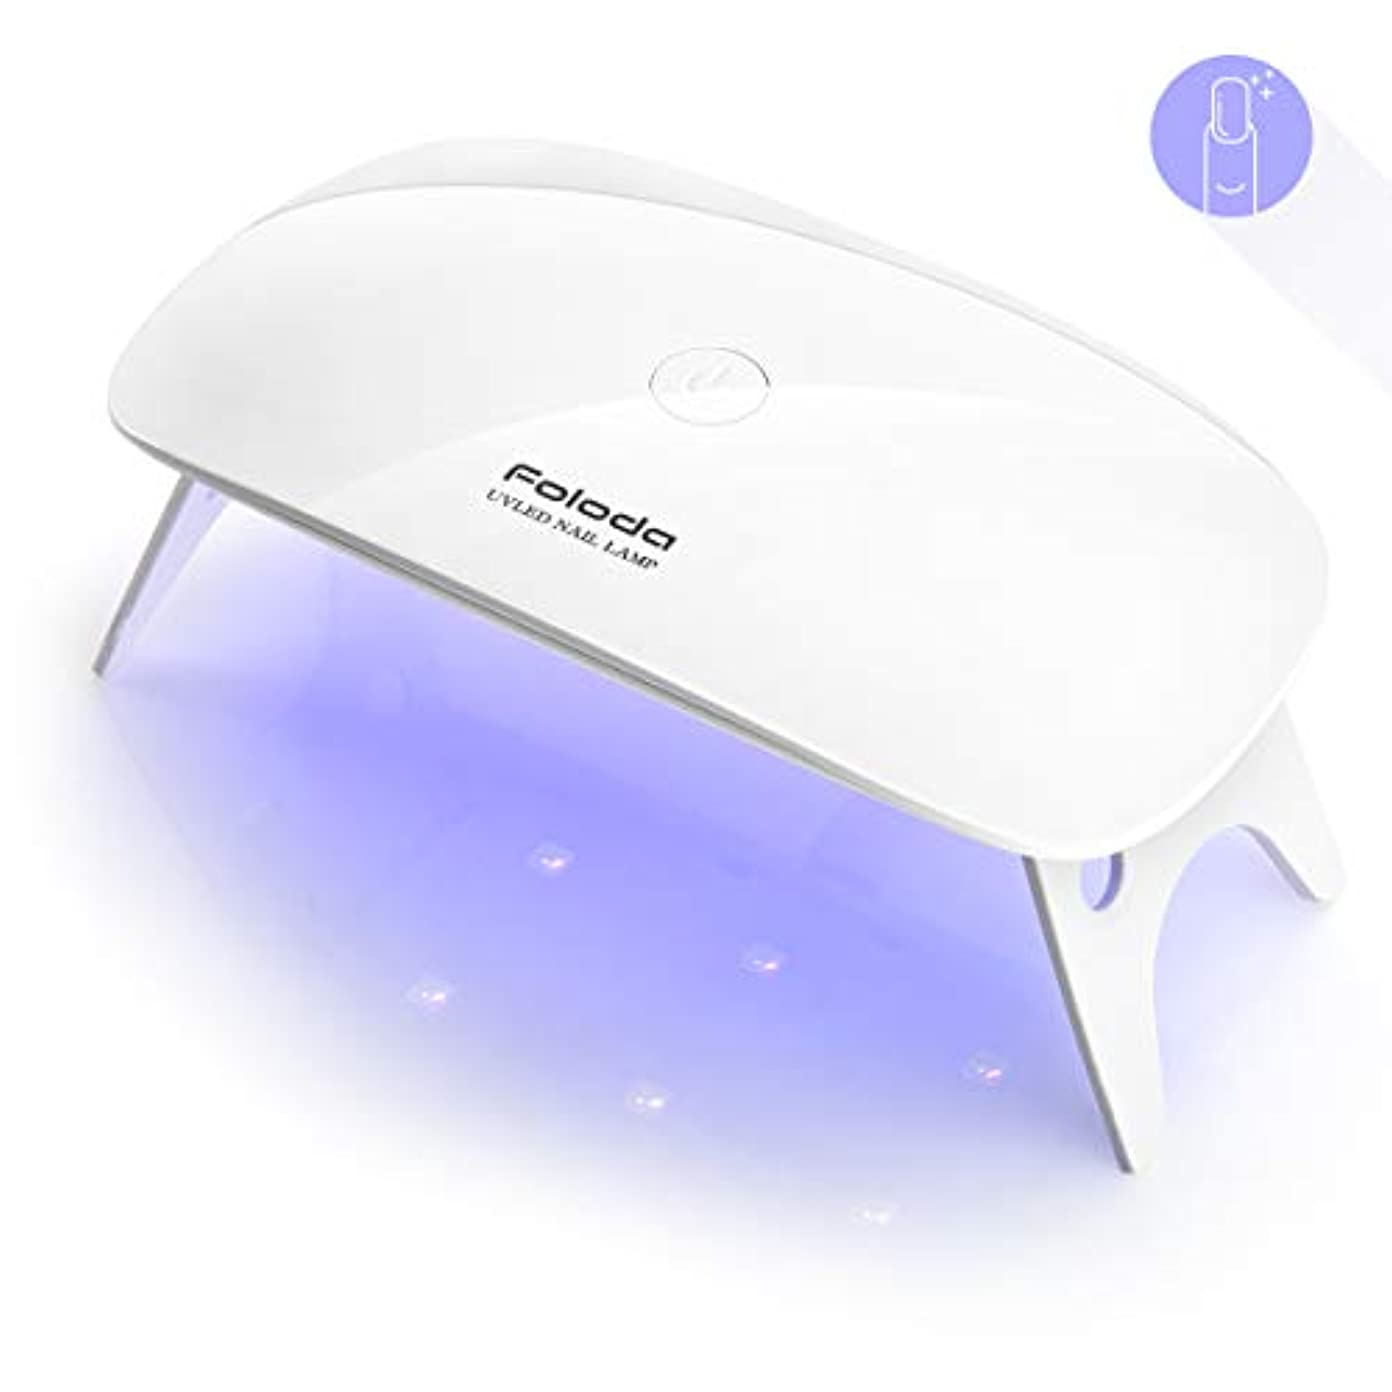 ディーラートリッキーレジLEDネイルドライヤー UVライト Foloda タイマー設定可能 折りたたみ式手足とも使える 人感センサー式 LED 硬化ライト UV と LEDダブルライト ジェルネイル用 ホワイト (white)